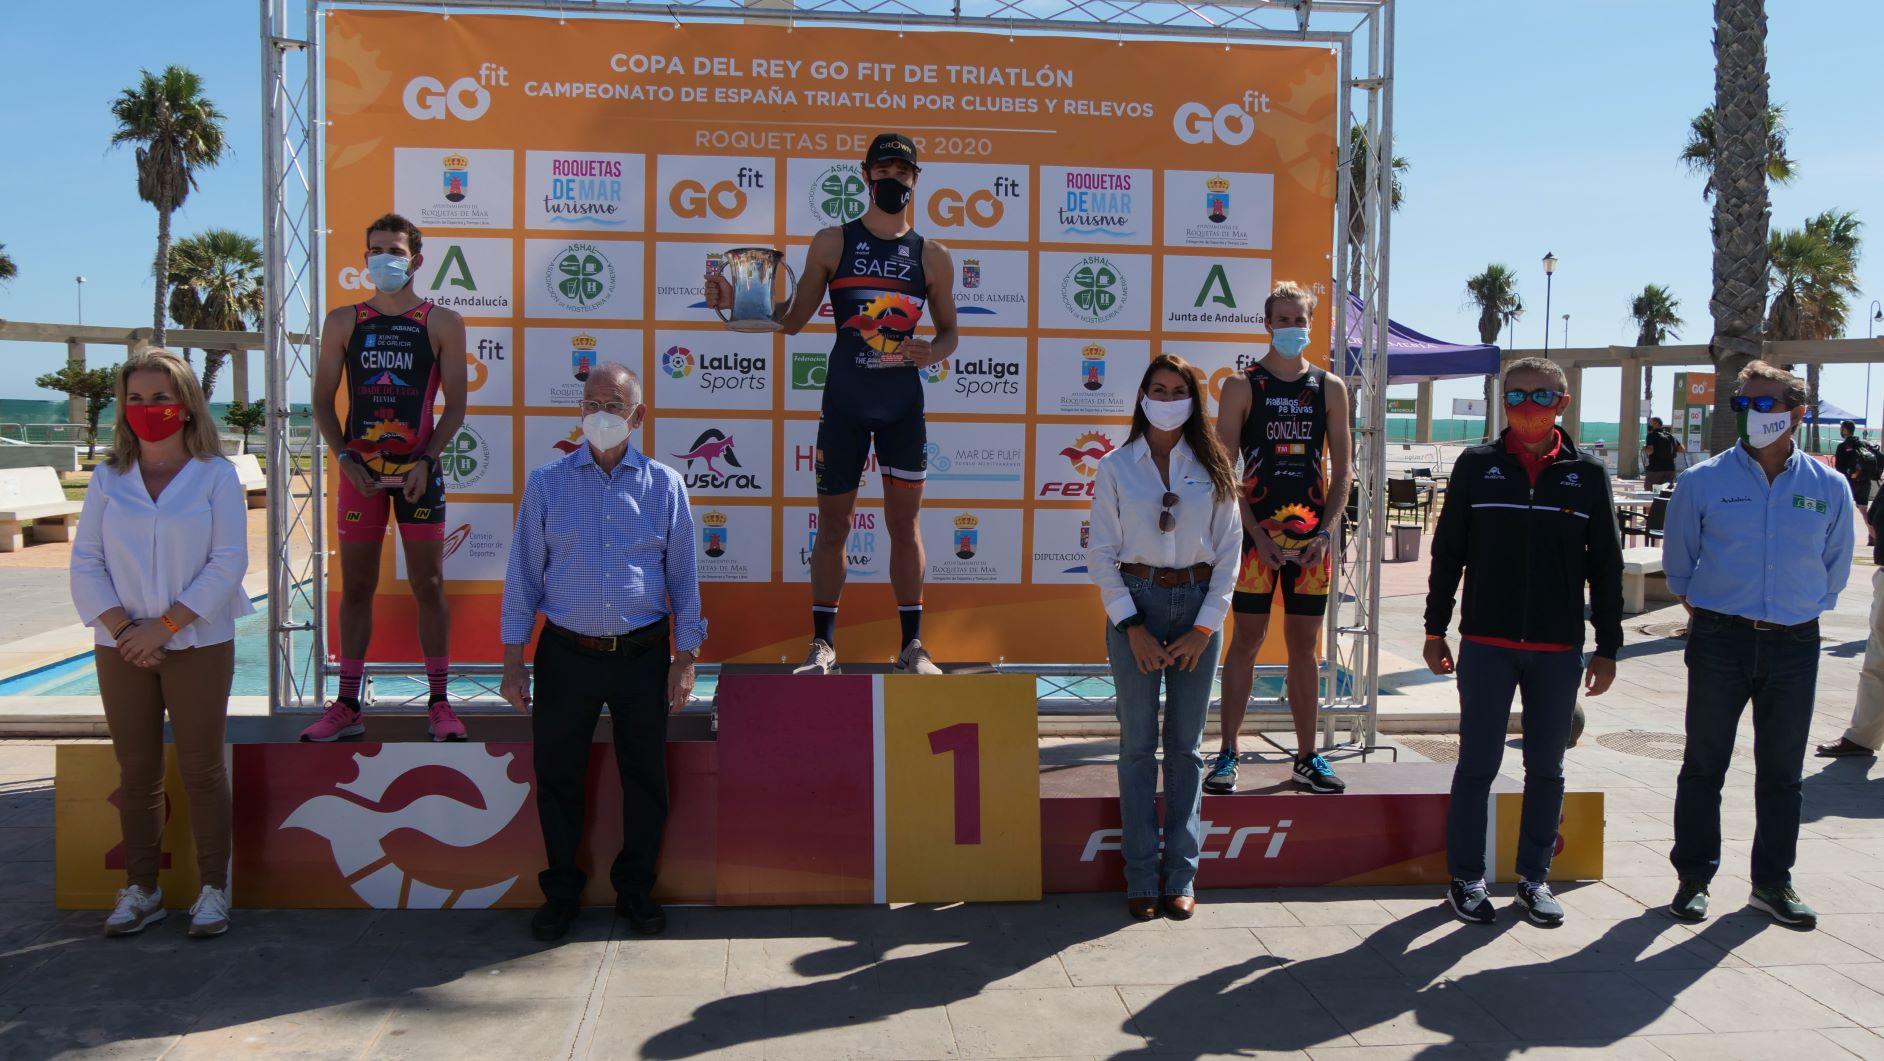 Universidad de Alicante gana la Copa del Rey GO fit de Triatlón en Roquetas de Mar